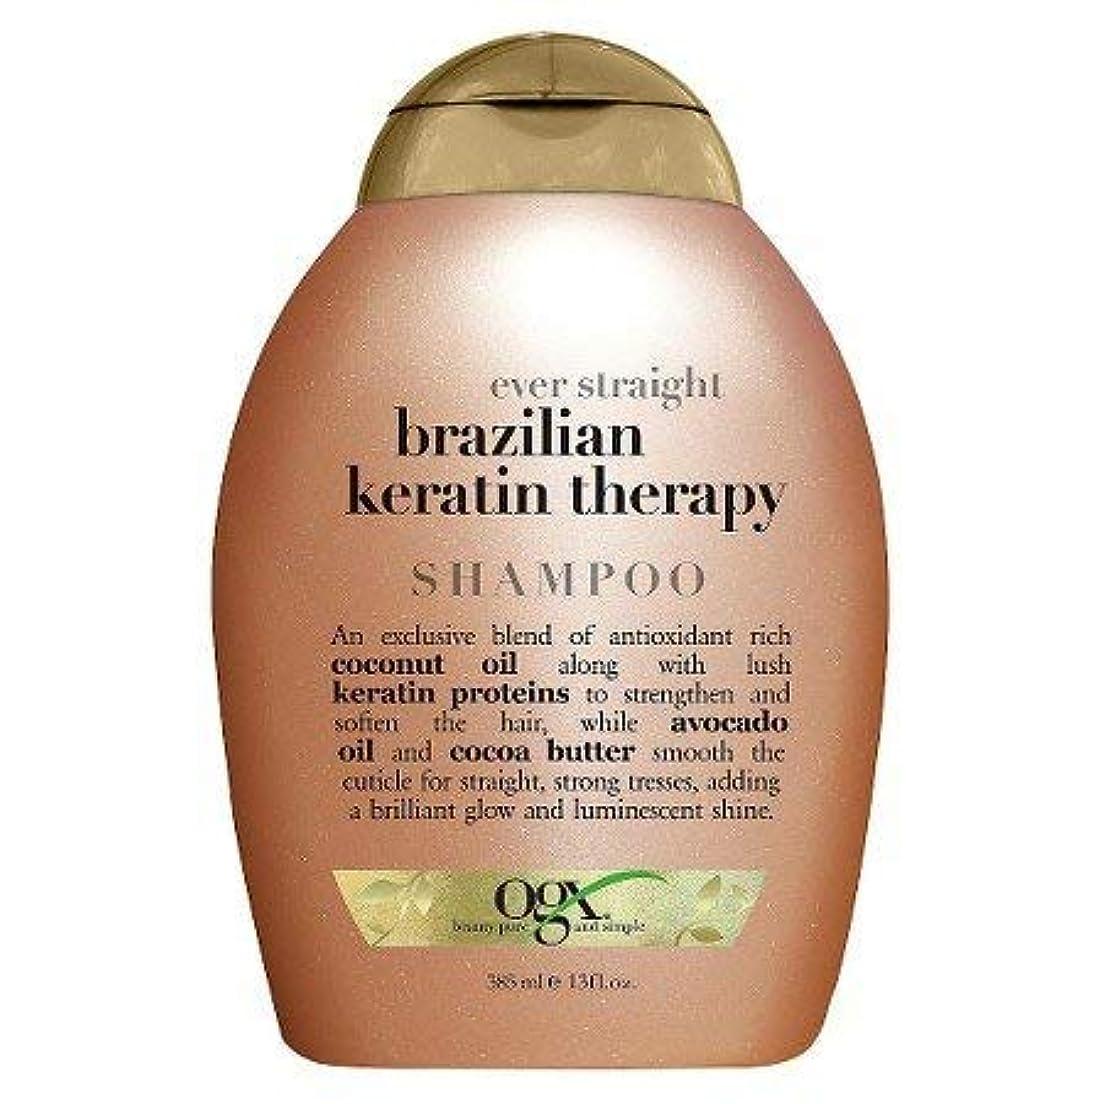 外観コントロールチョークOGX Ever Straight Sulfate & Sodium Free Brazilian Keratin Therapy Shampoo 360ml エヴァーストレートブラジルケラチンセラピーシャンプーシャンプー [並行輸入品]